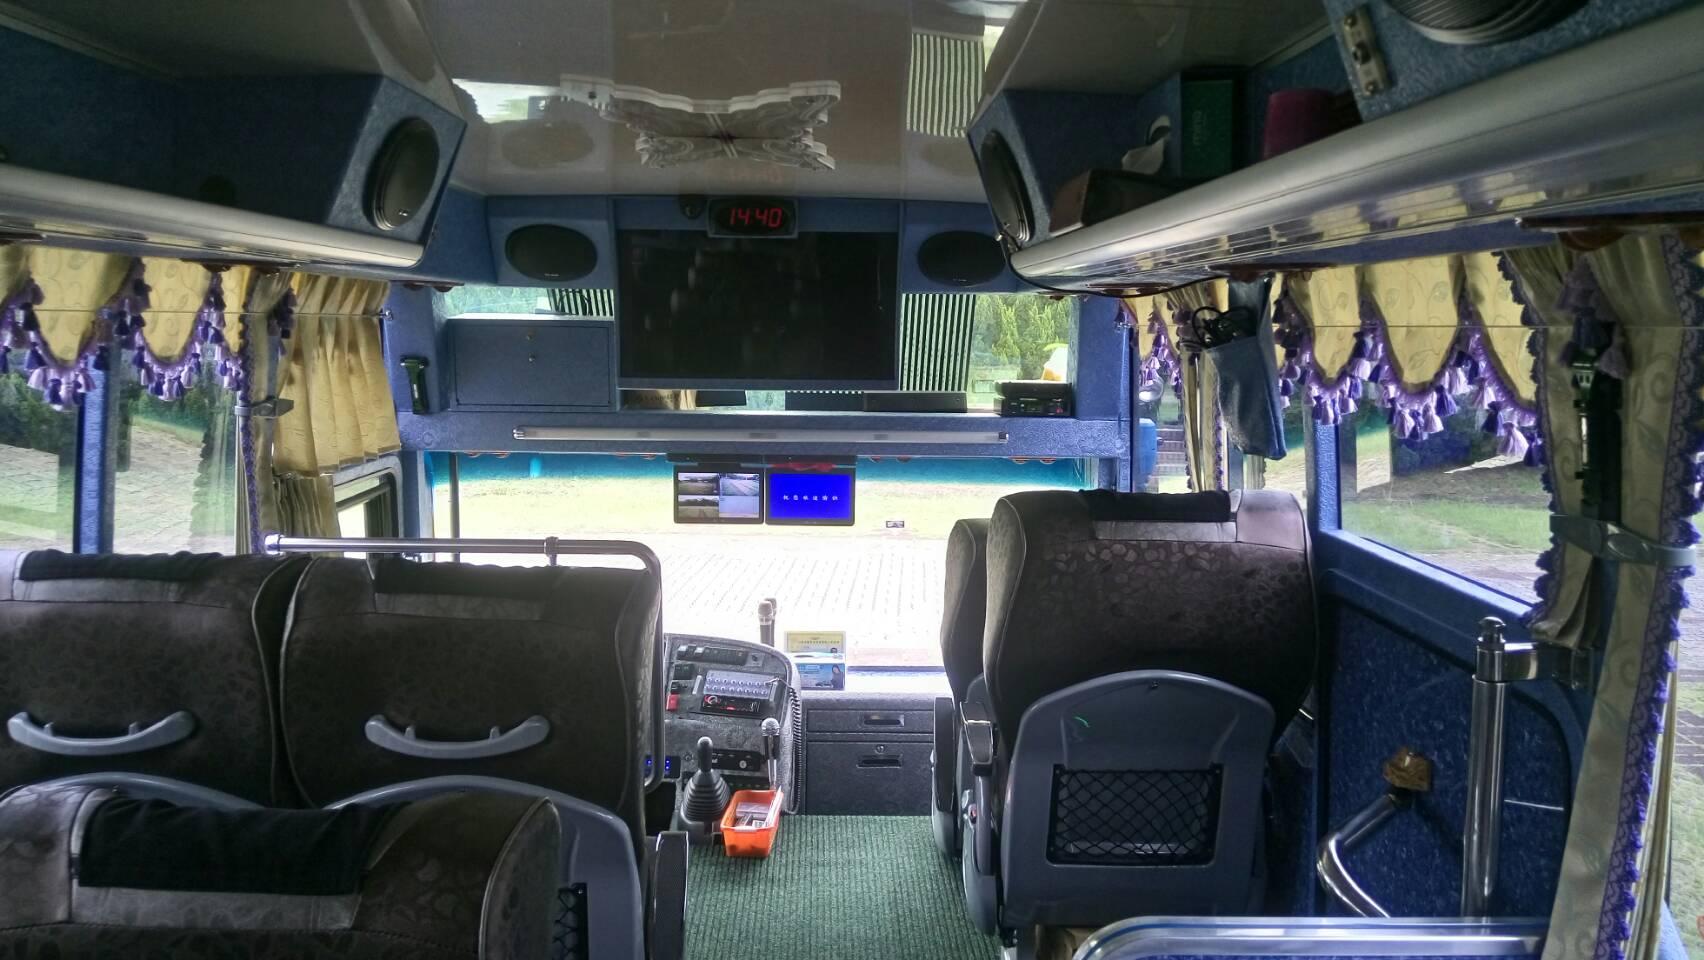 台灣包車旅遊,公司包車,企業包車、團體包車,台灣景點旅遊包車,大巴士包車,遊覽車包車,遊覽車包車旅首選